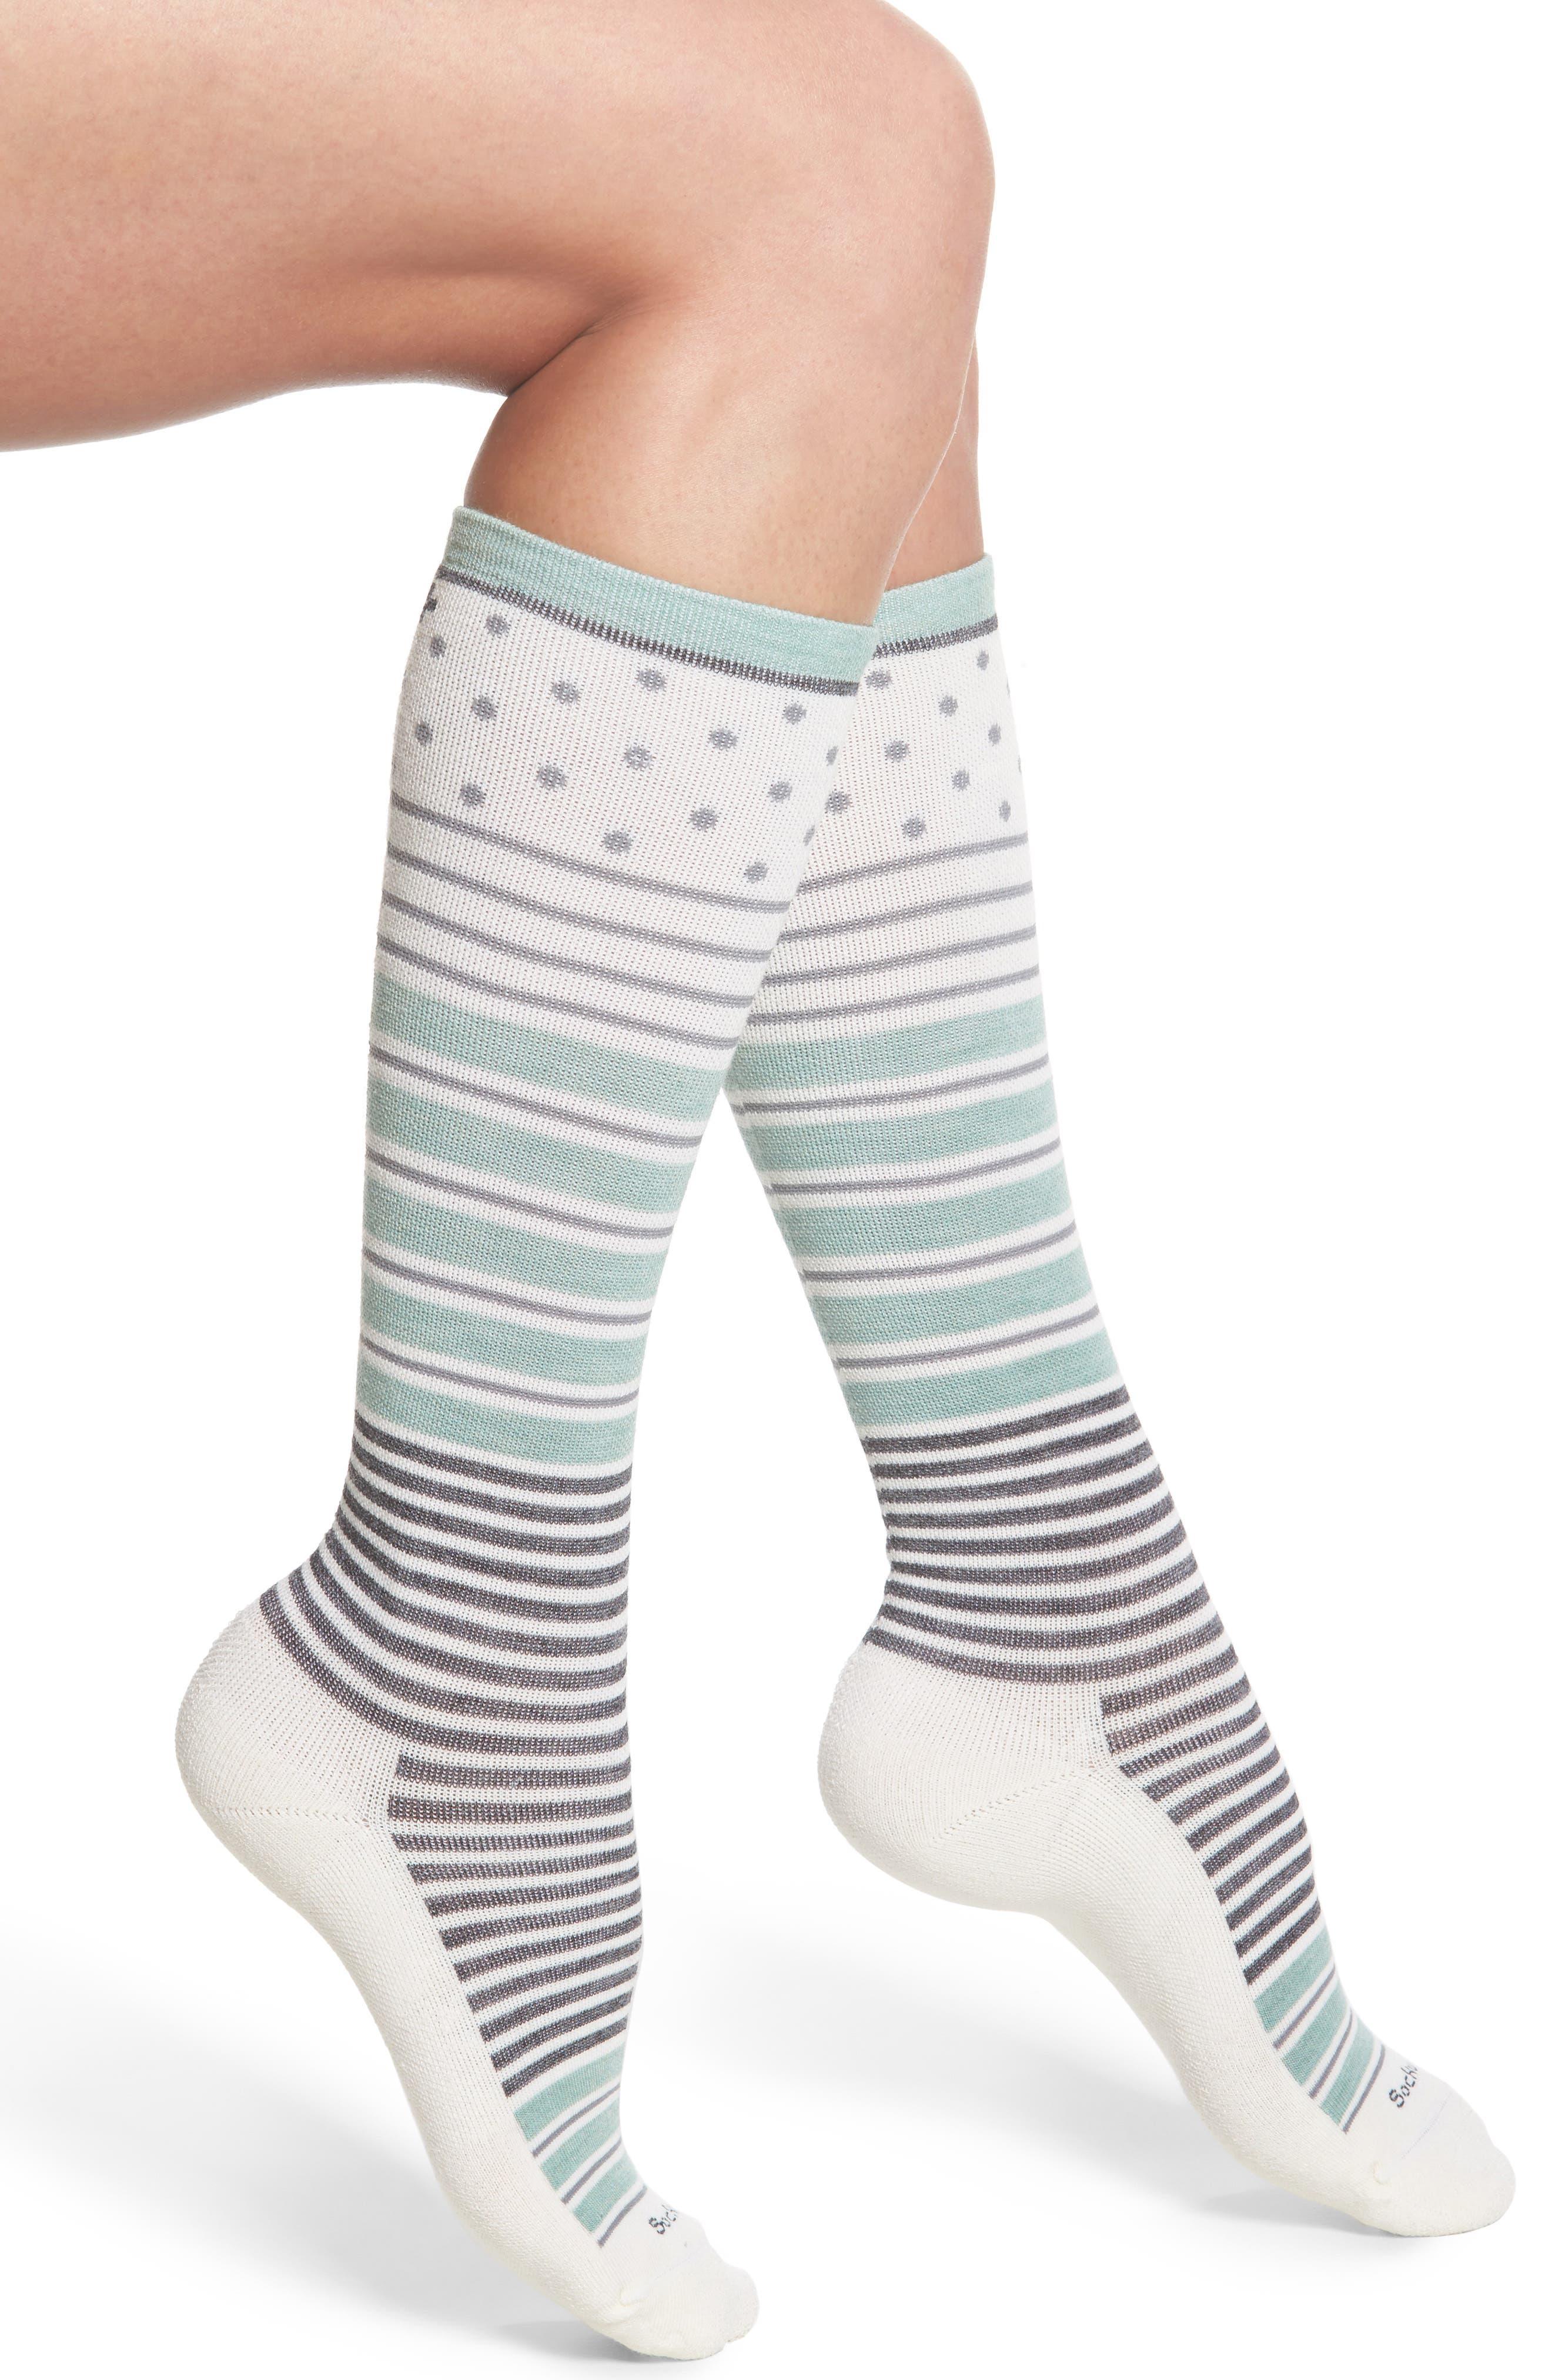 Sockwell 'Twister' Merino Wool Blend Compression Socks